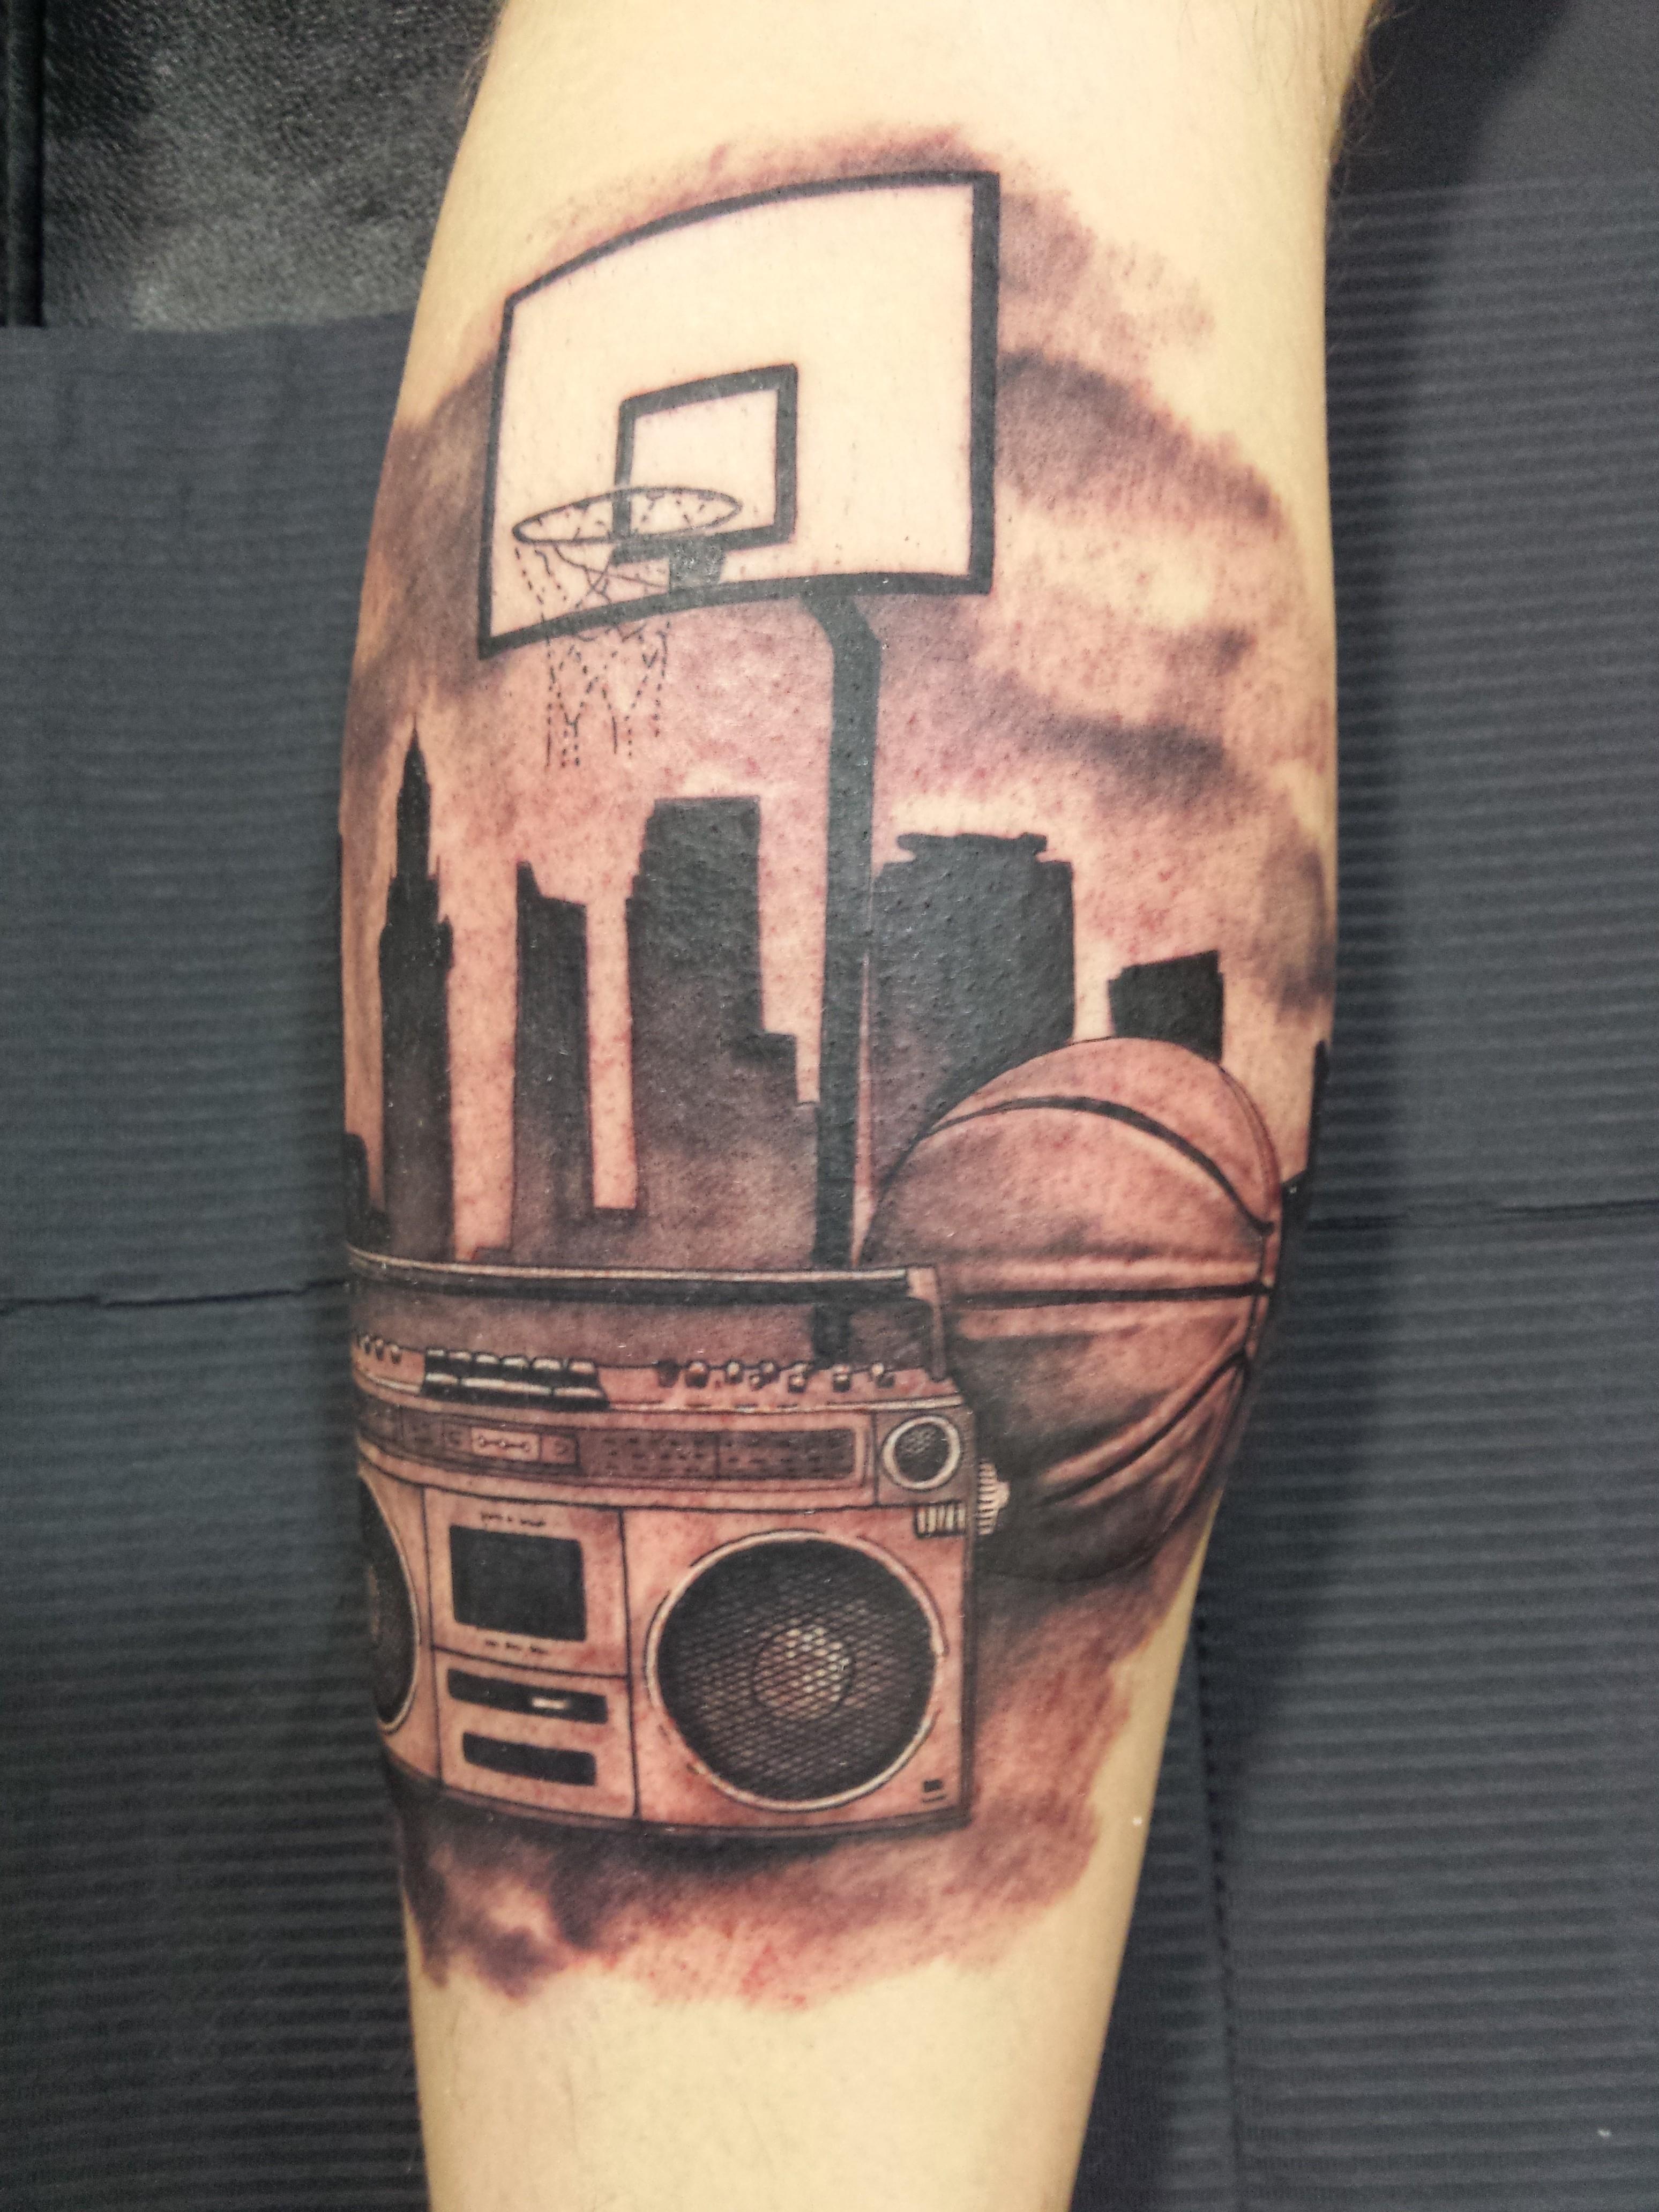 tatuaje basket-radiocasette-rap-hip hop-jorge garcía-Tatuajes L'Eliana